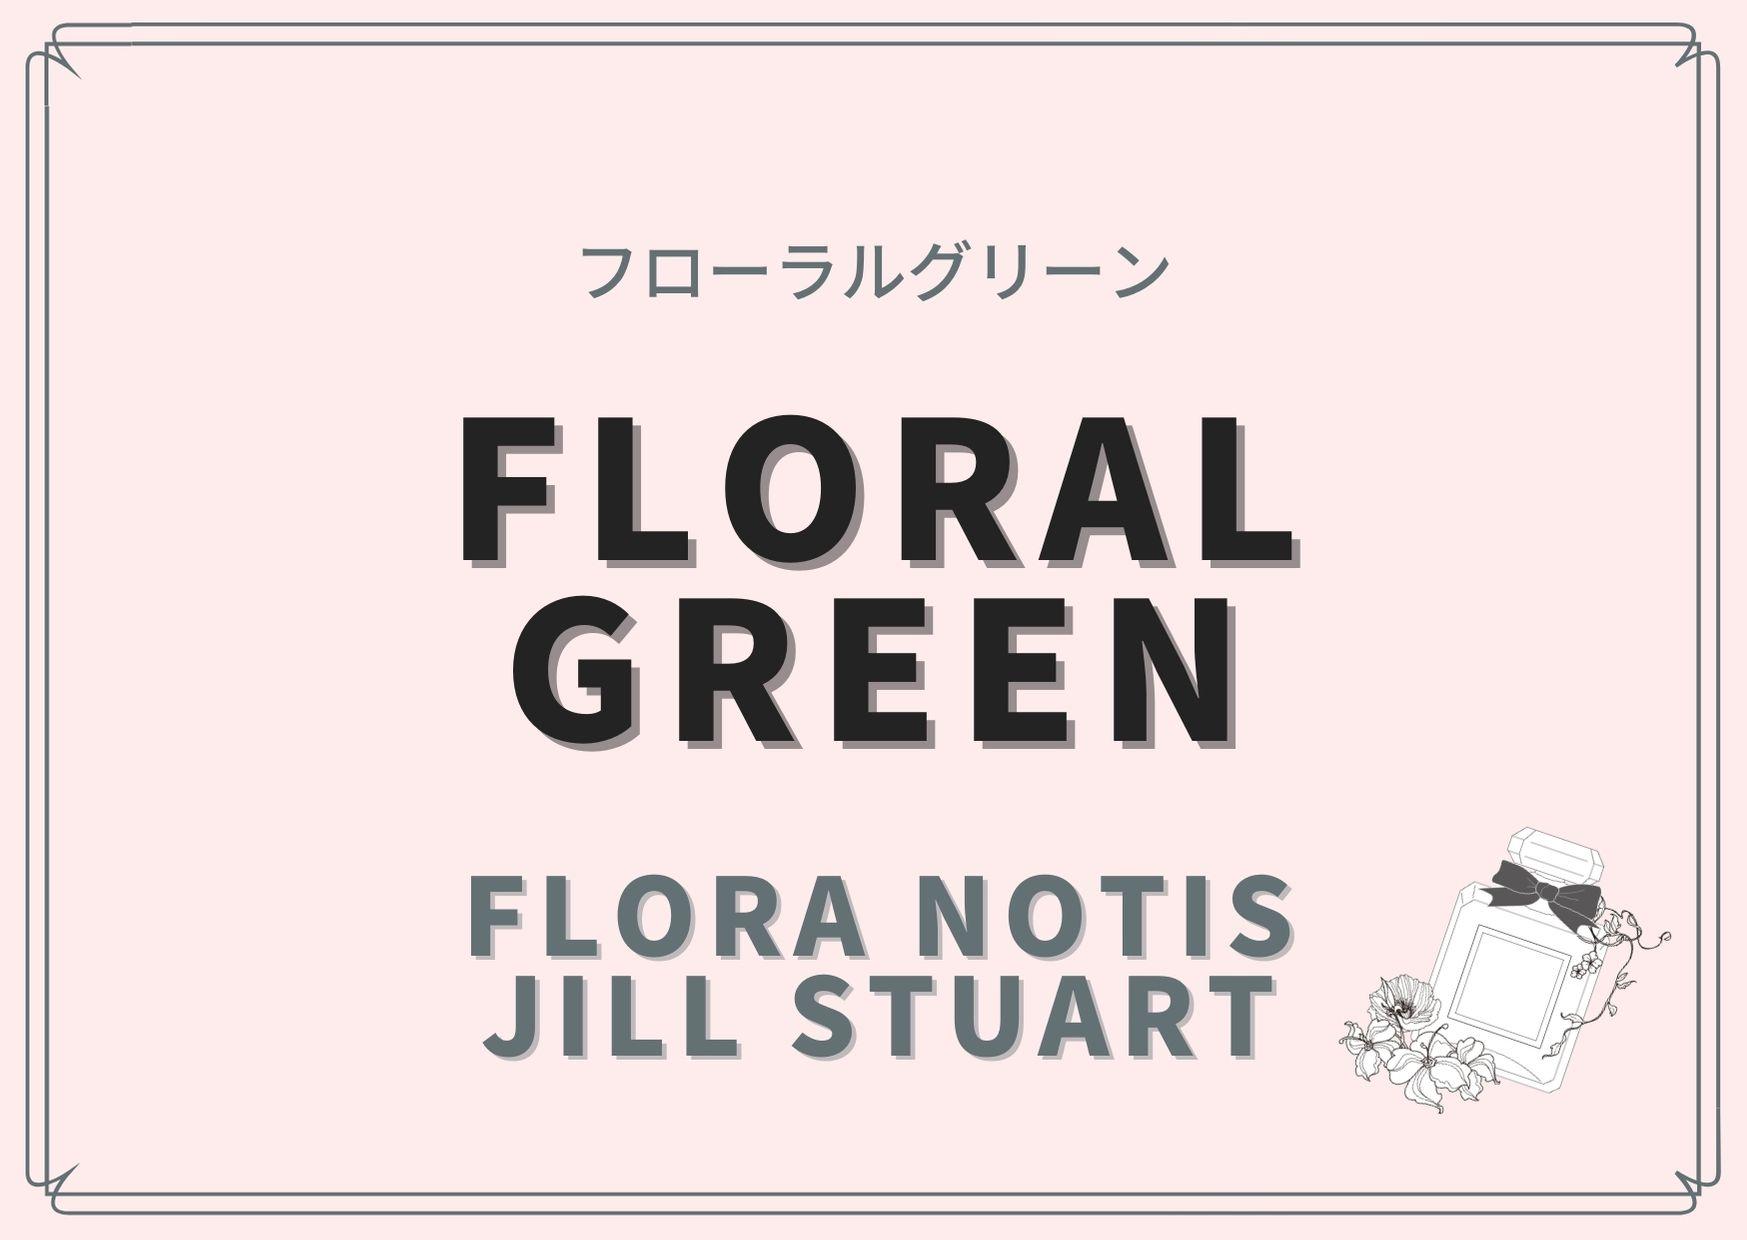 Floral Green(フローラルグリーン)/Flora Notis JILL STUART